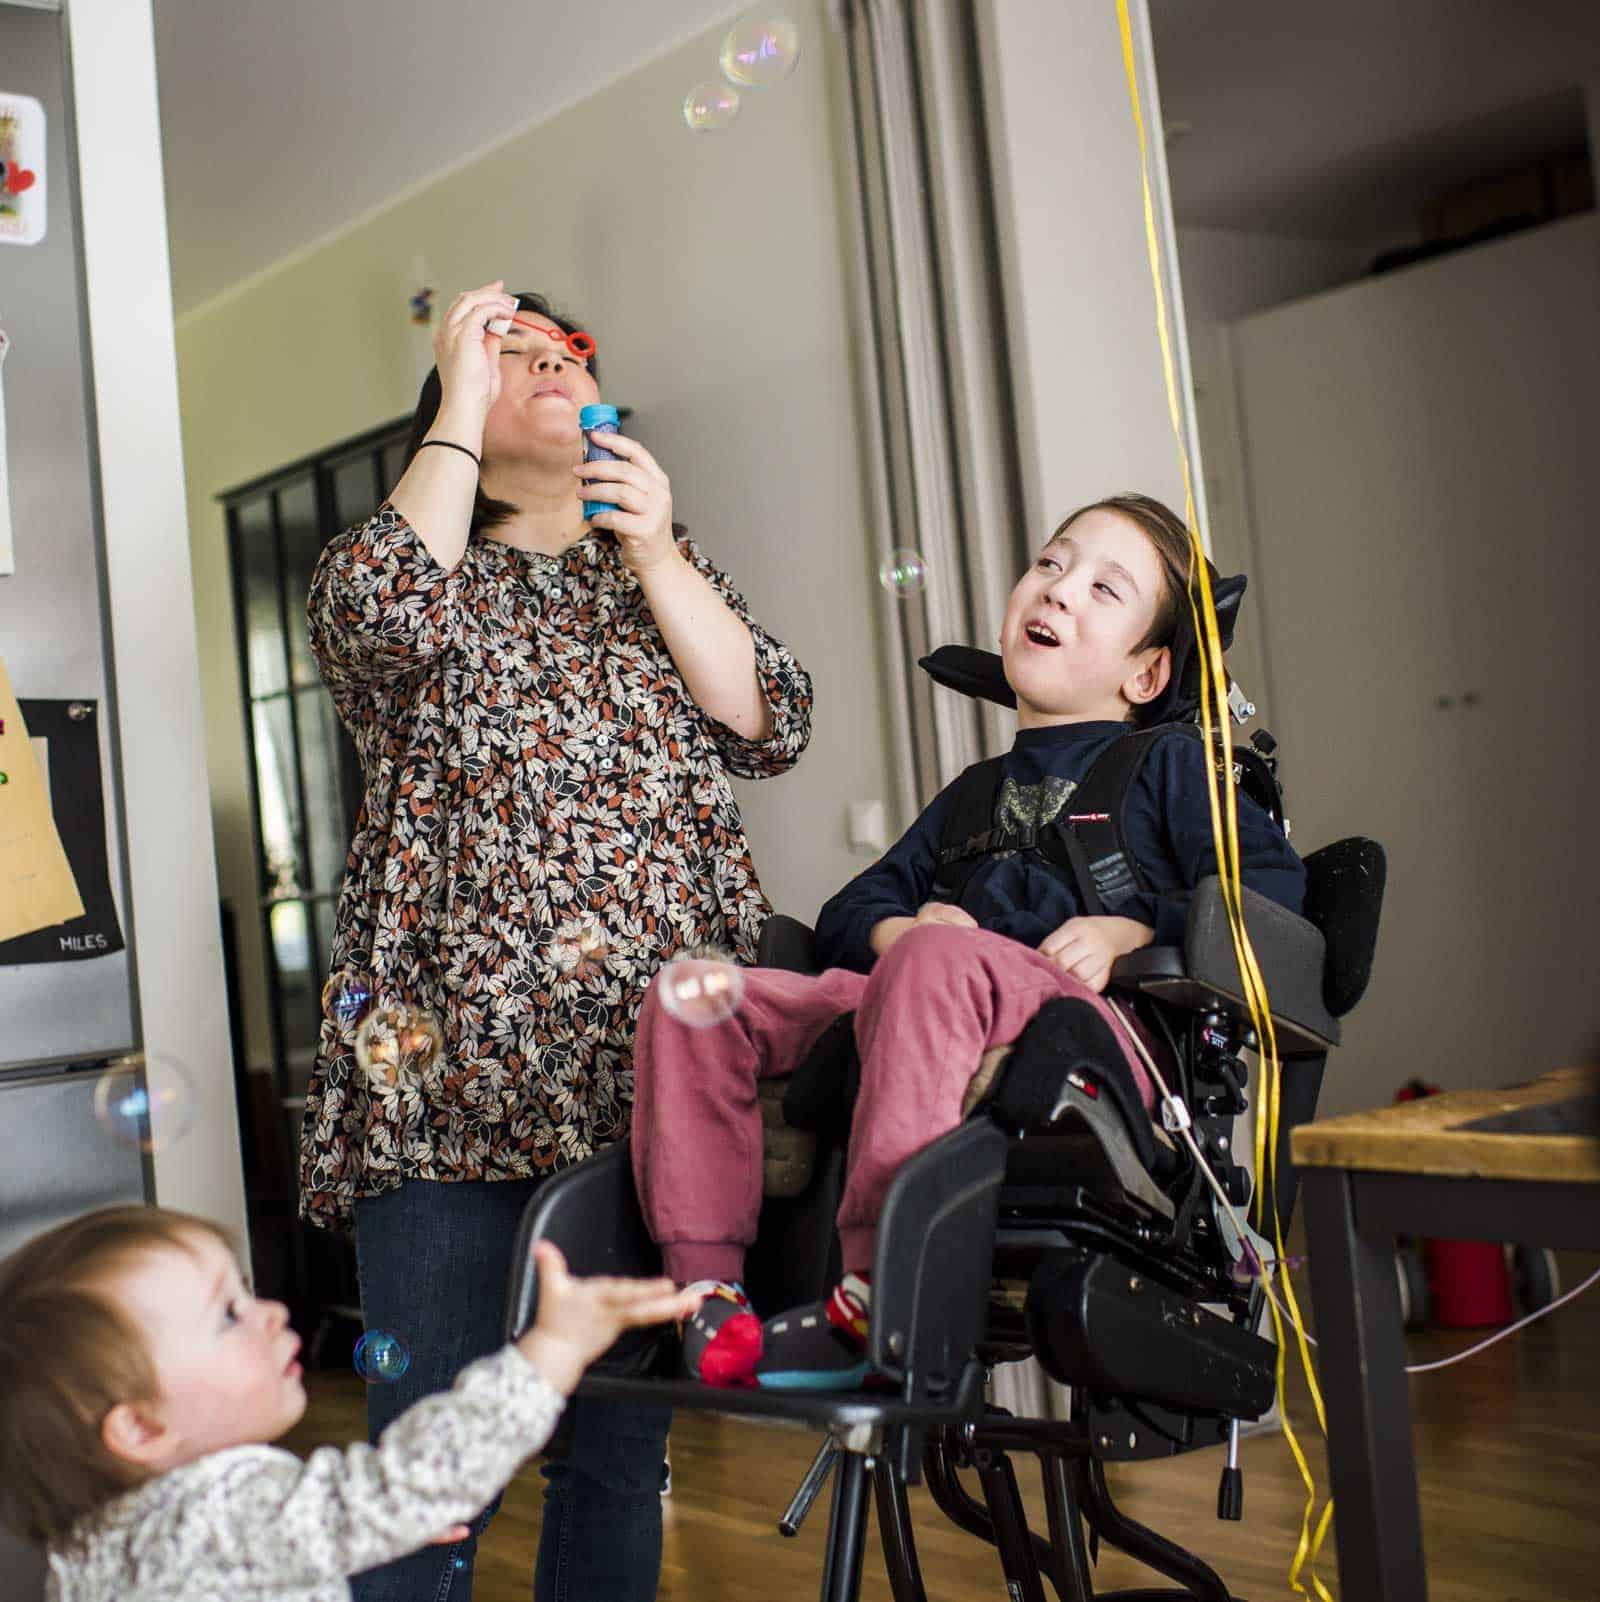 Miles föräldrar har valt att avstå från att söka dubbel assistans för att inte riskera att de förlorar den assistans Miles har idag. Foto: Linnea Bengtsson